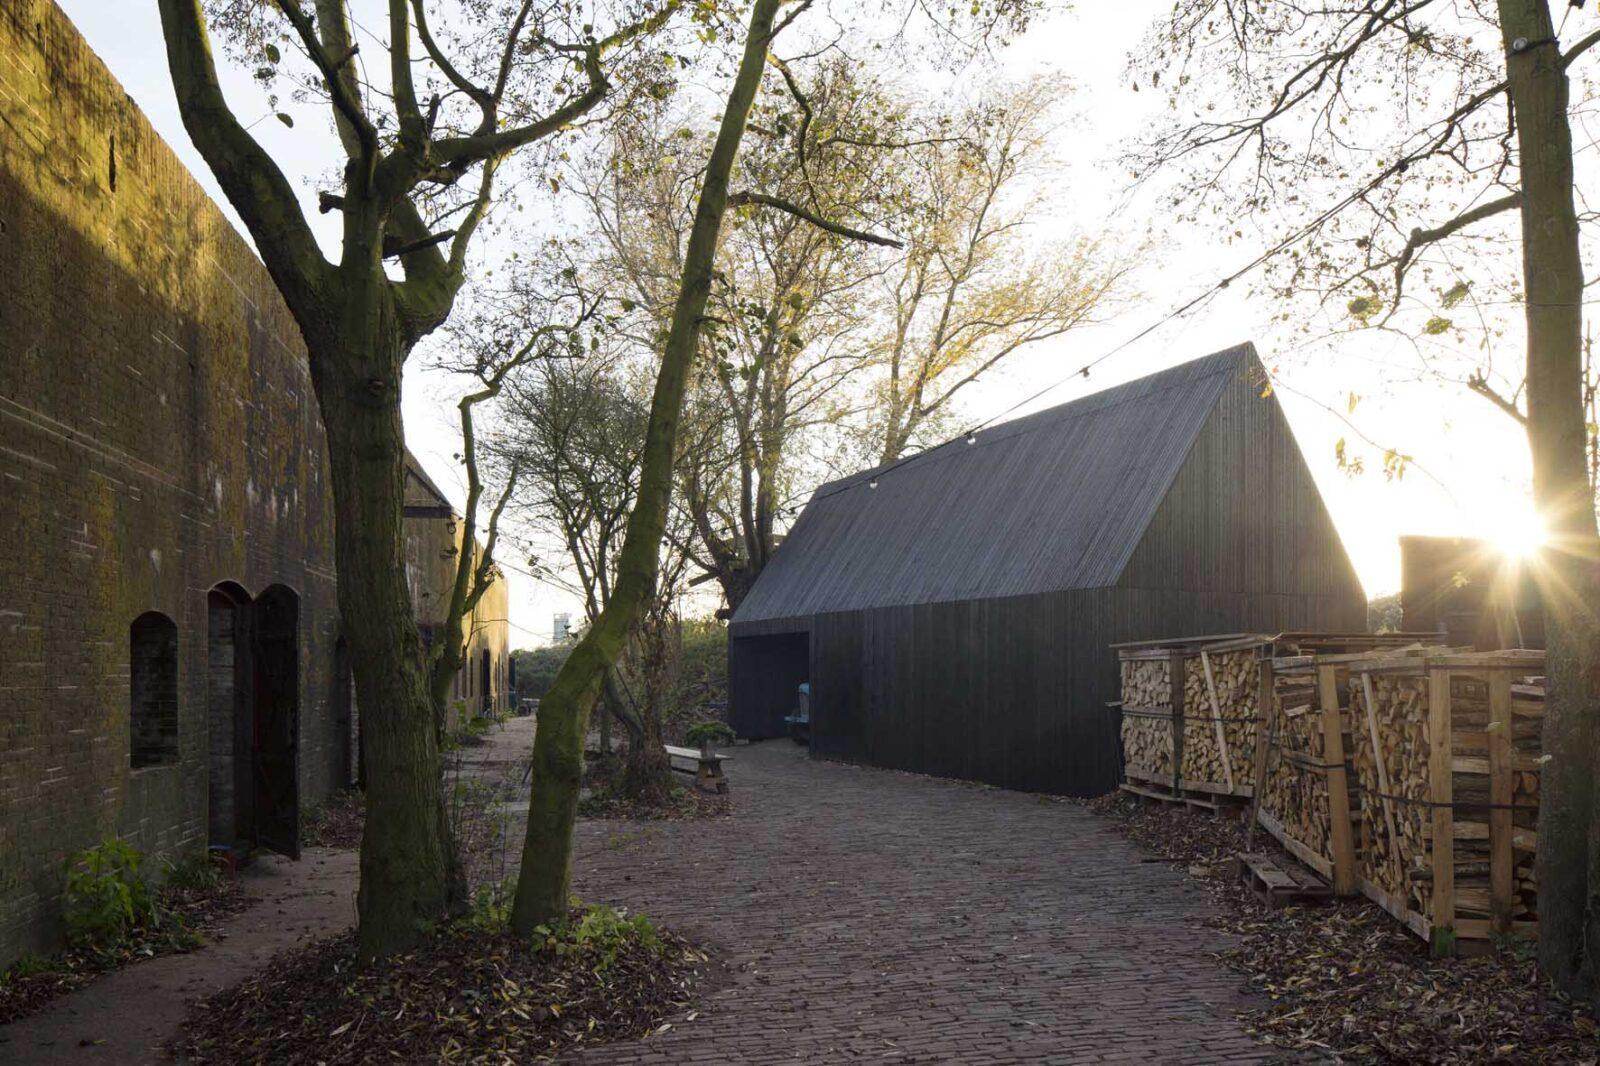 Vuurtoreneiland - Voorbeeldprojecten Steunpunt Monumenten & Archeologie